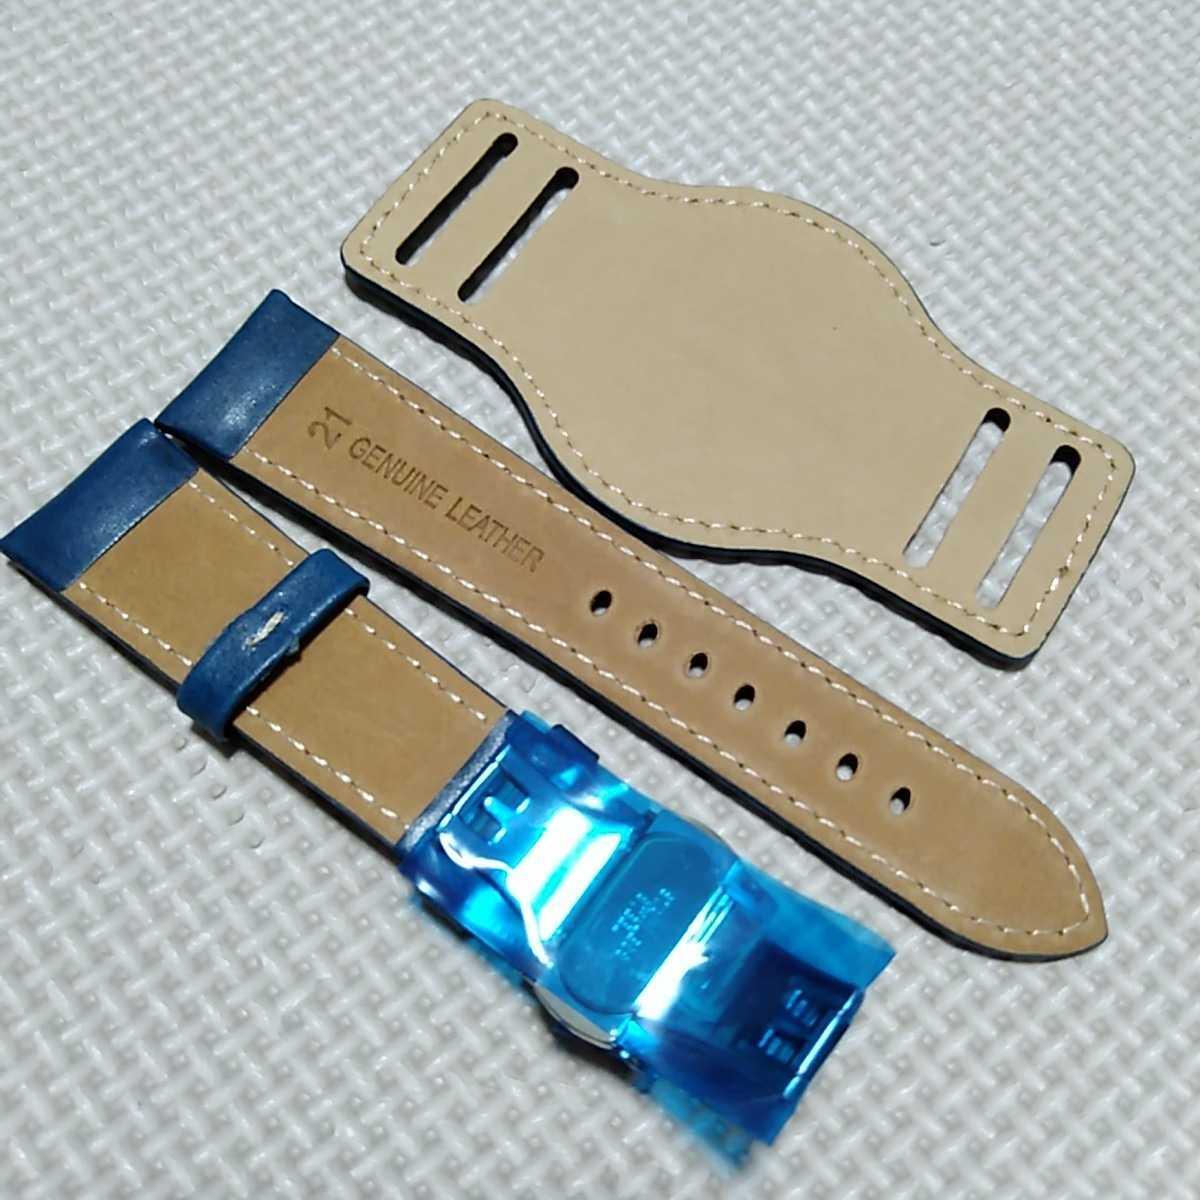 No70 ブンド BUND 本革レザーベルト 腕時計ベルト 交換用ストラップ ブルー 21mm 未使用 Dバックル 高品質 ドイツパイロット 空軍_画像4